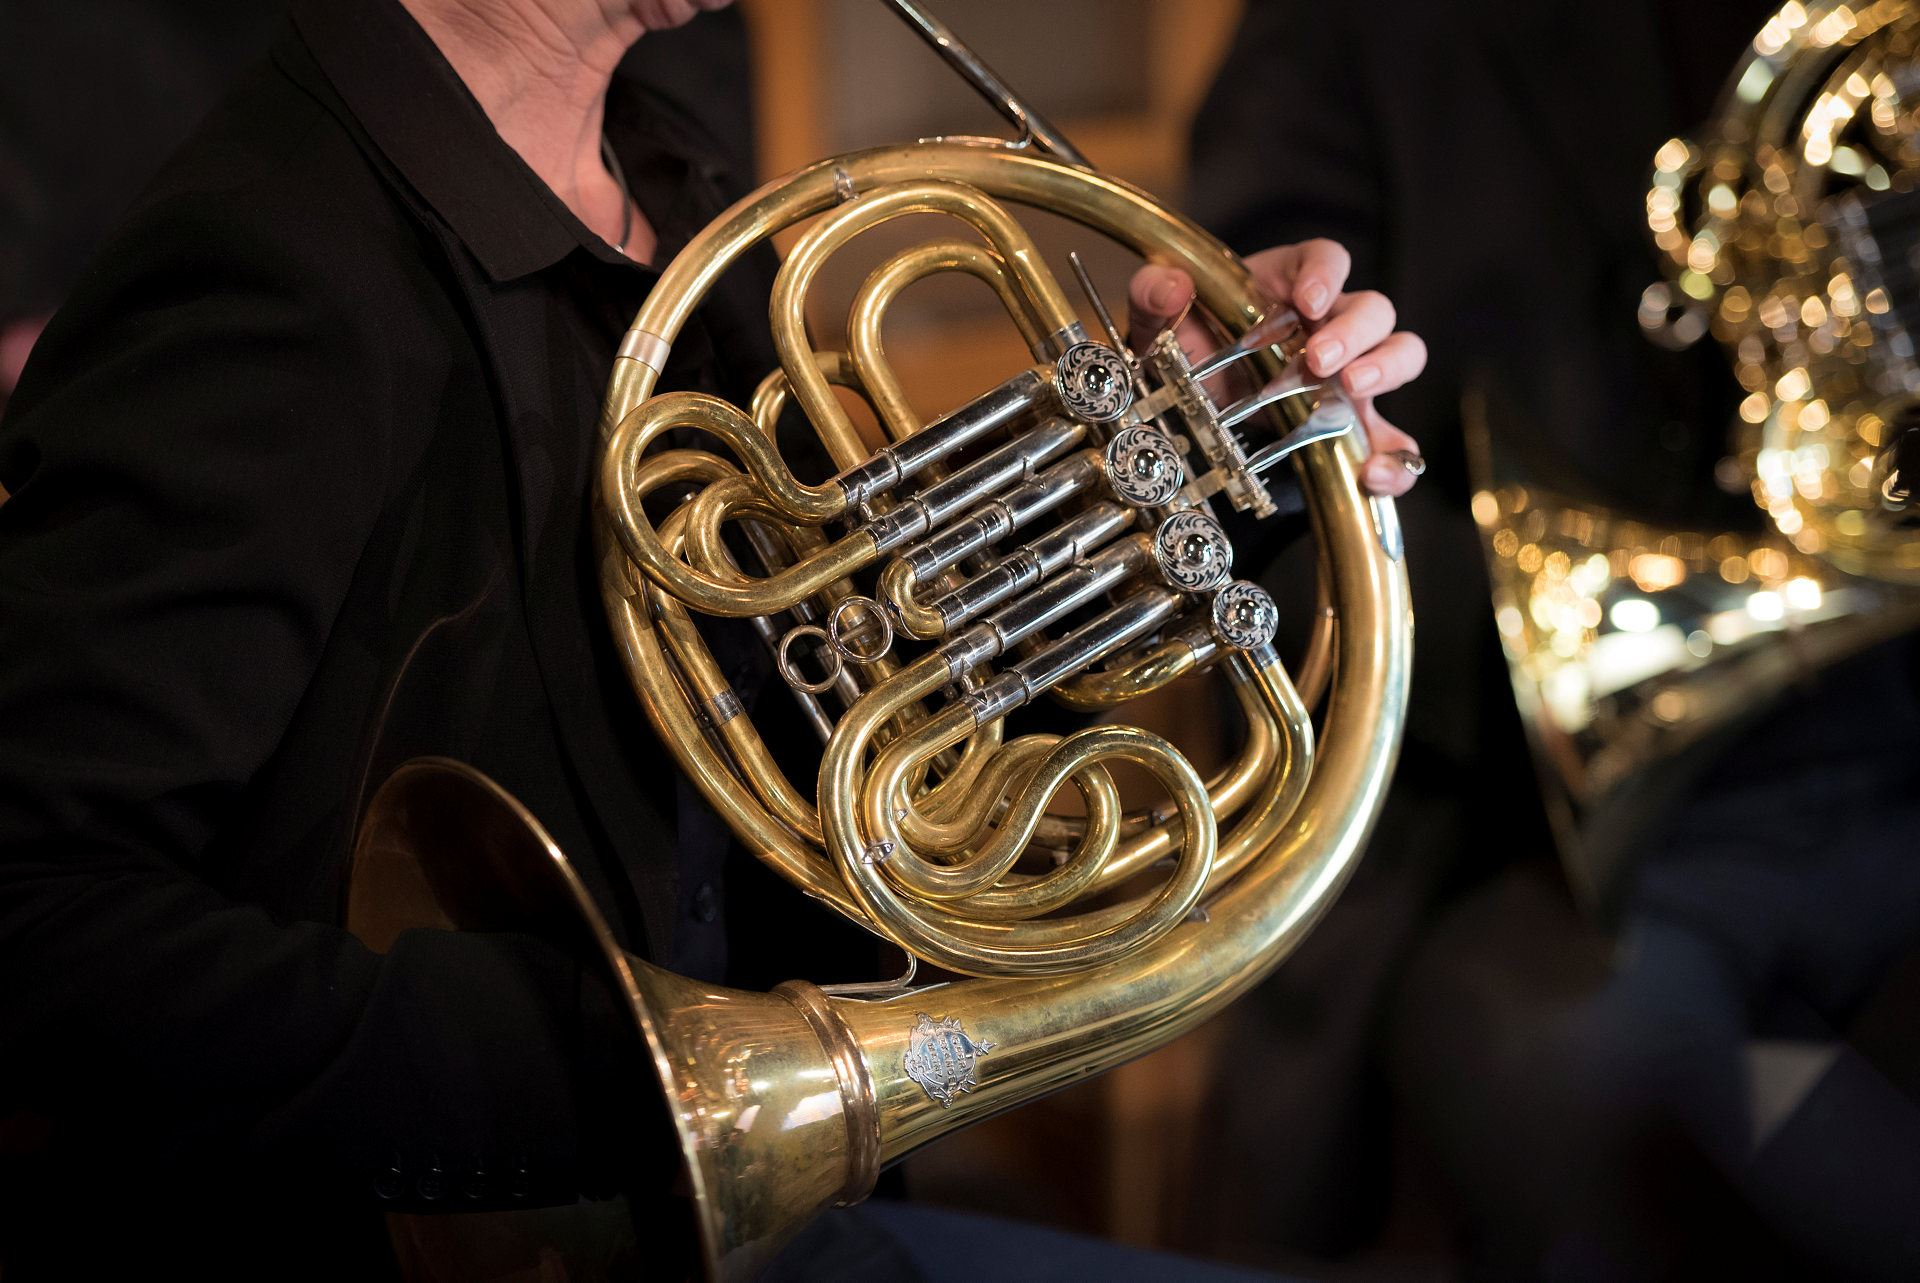 Vårkonsert med Söderhamns musikkår